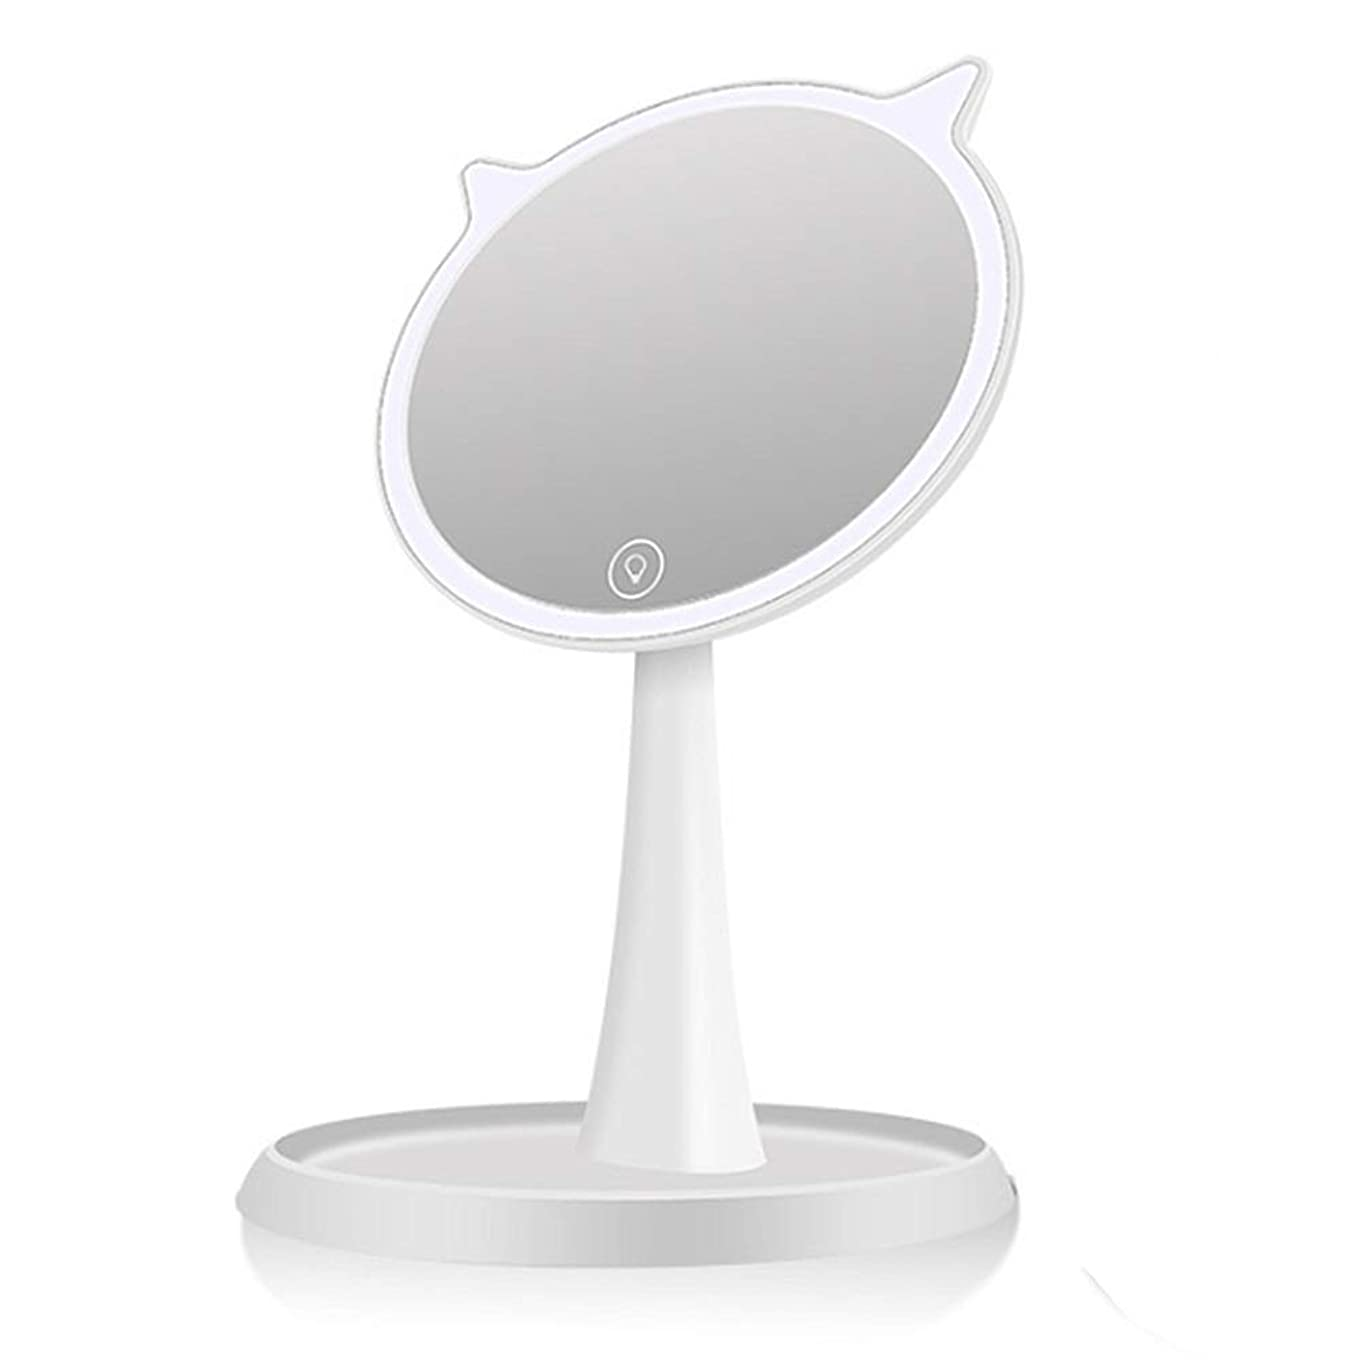 砂漠頼む制限する化粧鏡 Lsb充電自然な明るい光化粧化粧台ミラー取り外し可能な10倍倍率タッチスクリーン調光調節可能な回転ledライト付きミラー (色 : 白, サイズ : Free size)